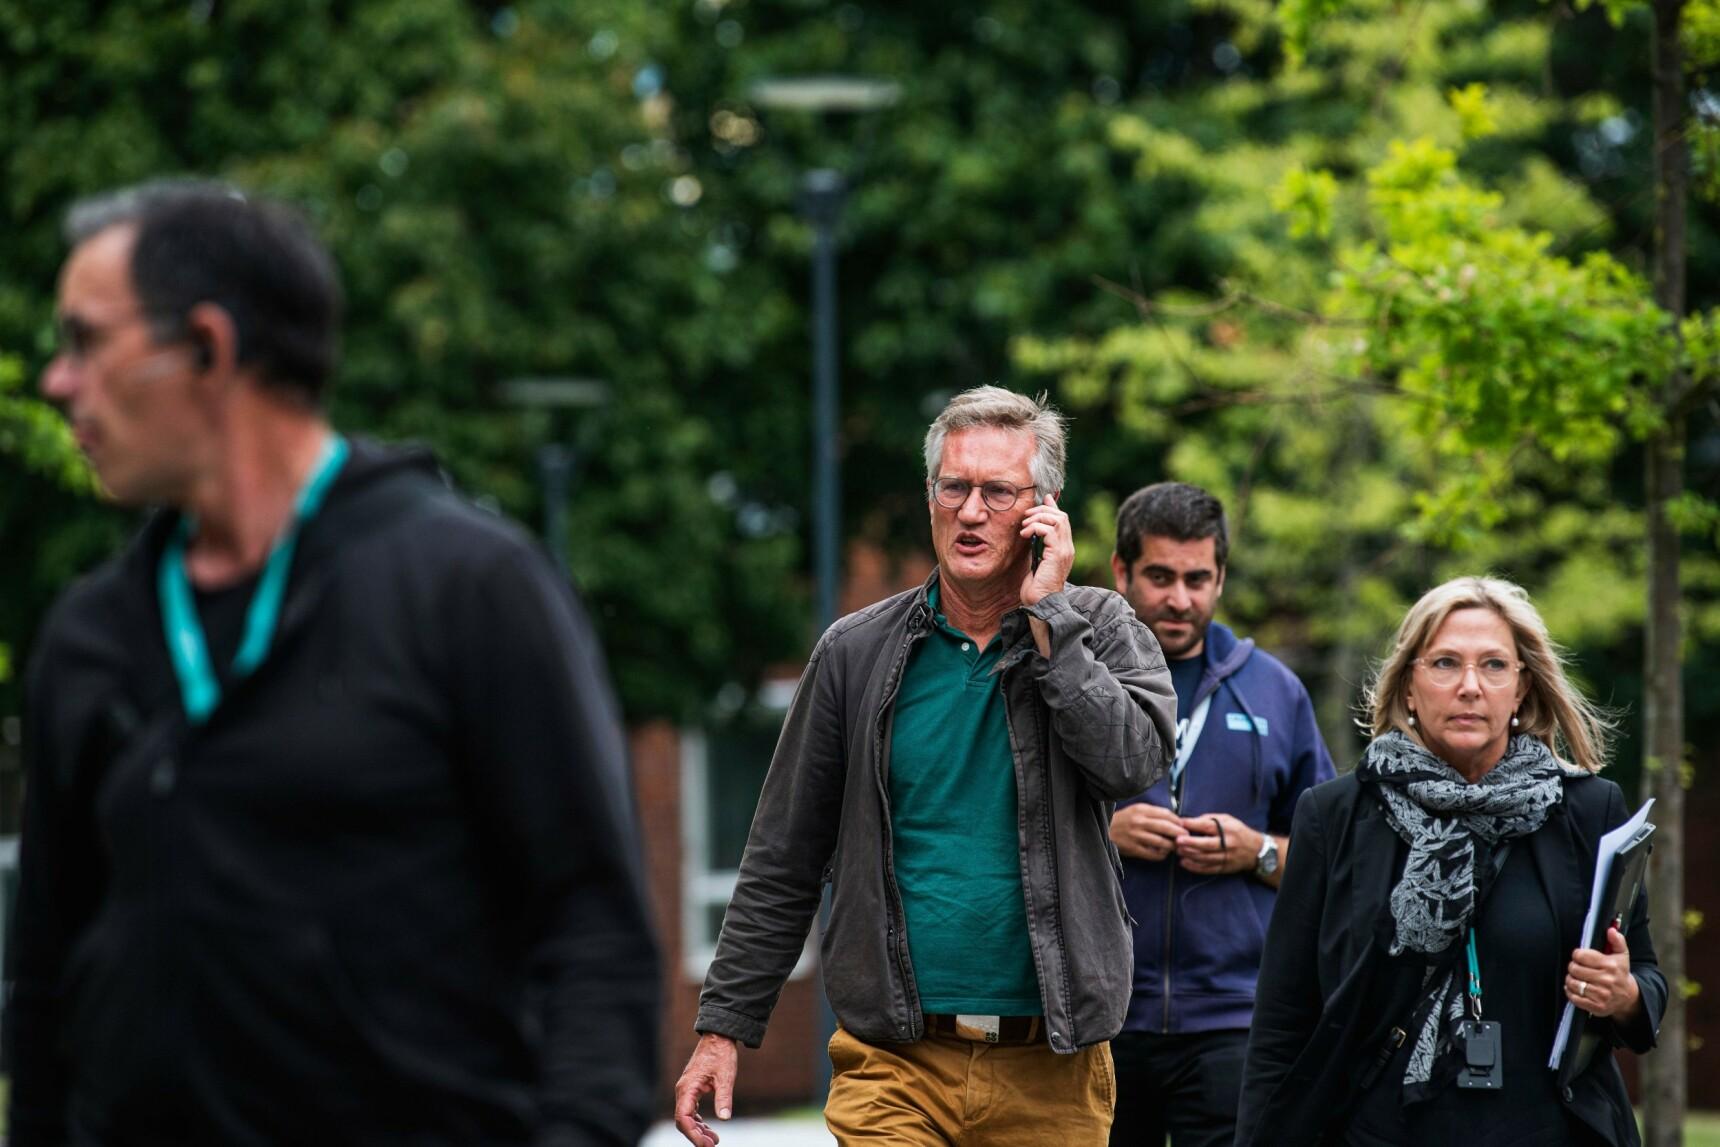 CORONAGENERAL: Statsepidemiolog i Sverige, Anders Tegnell, på vei til pressekonferanse i Solna. Foto: AFP/NTB